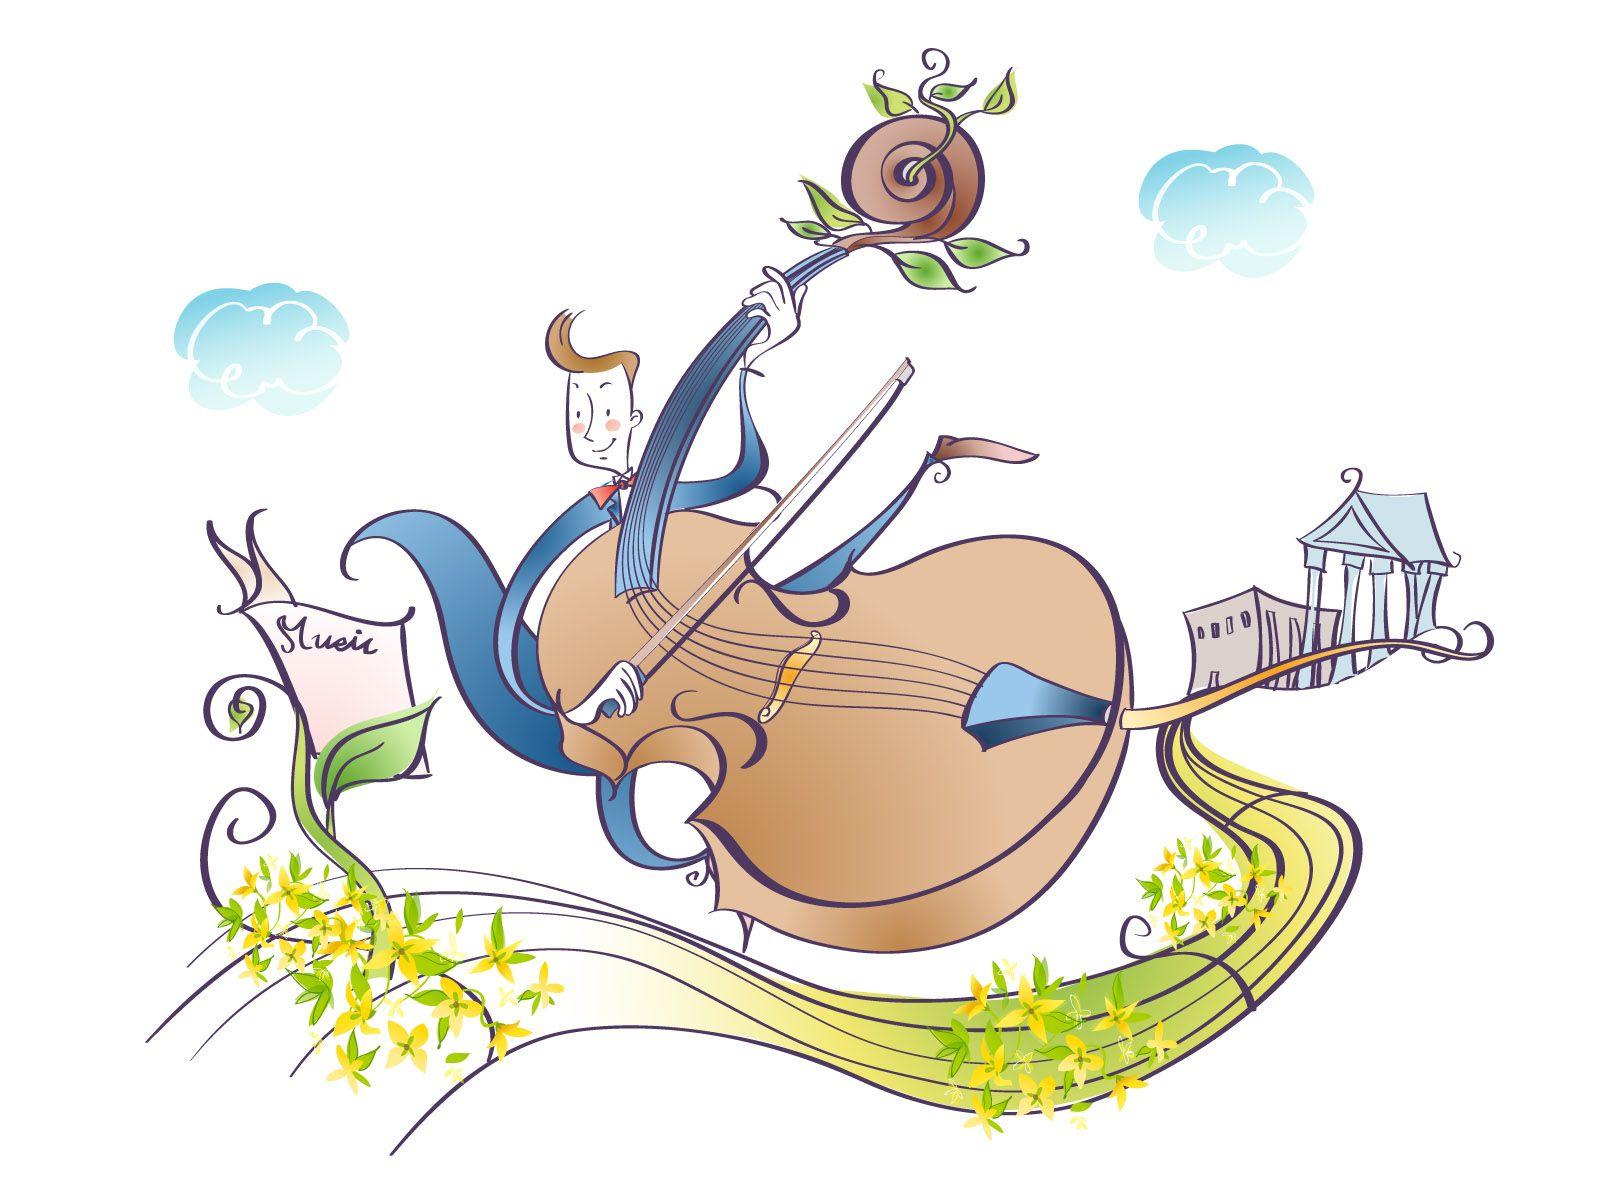 Открытки, смешная картинка о музыкальных инструментах